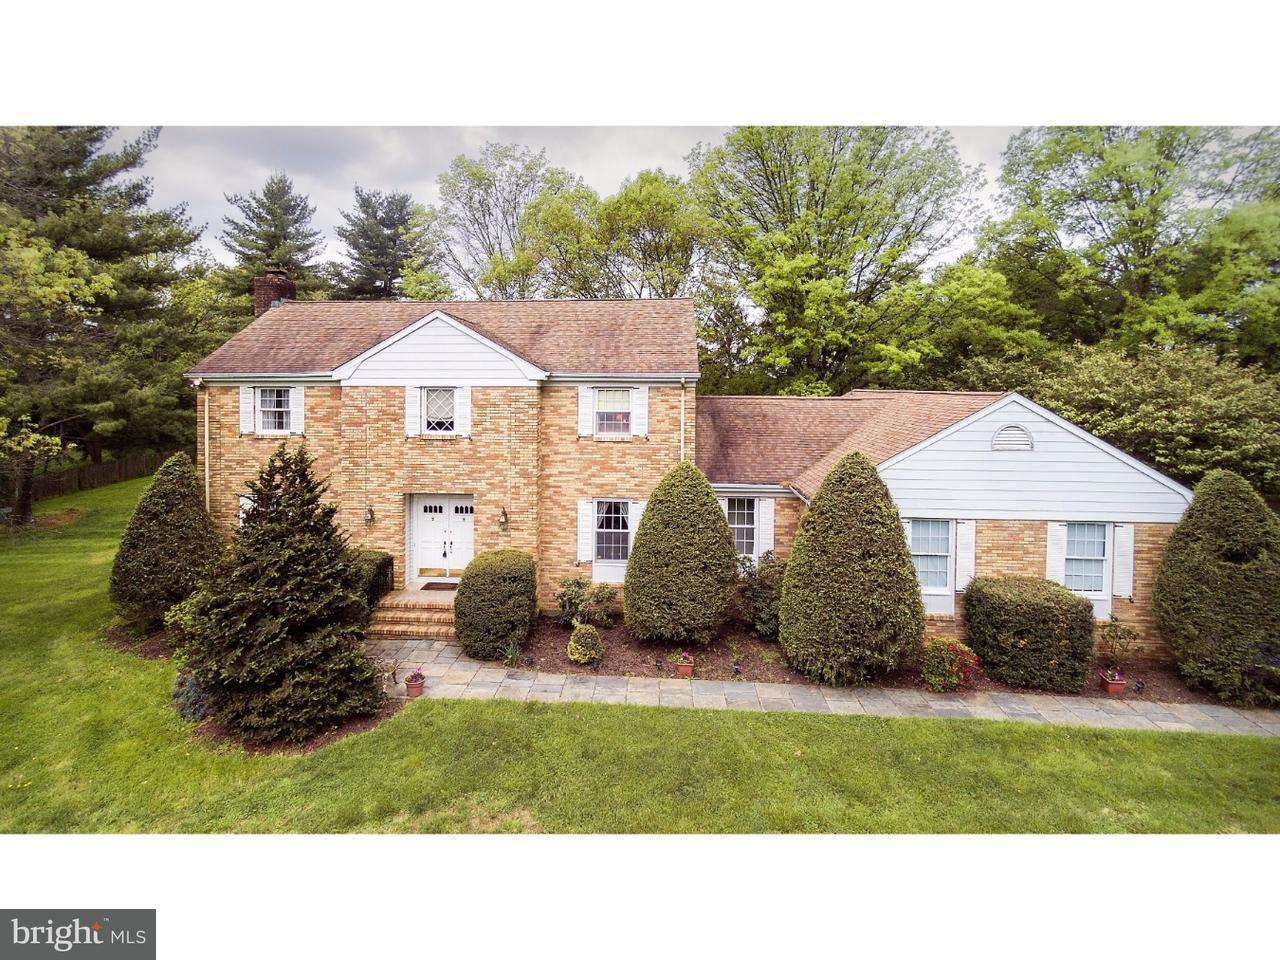 Maison unifamiliale pour l Vente à 71 CARTER Road Princeton, New Jersey 08540 États-Unis